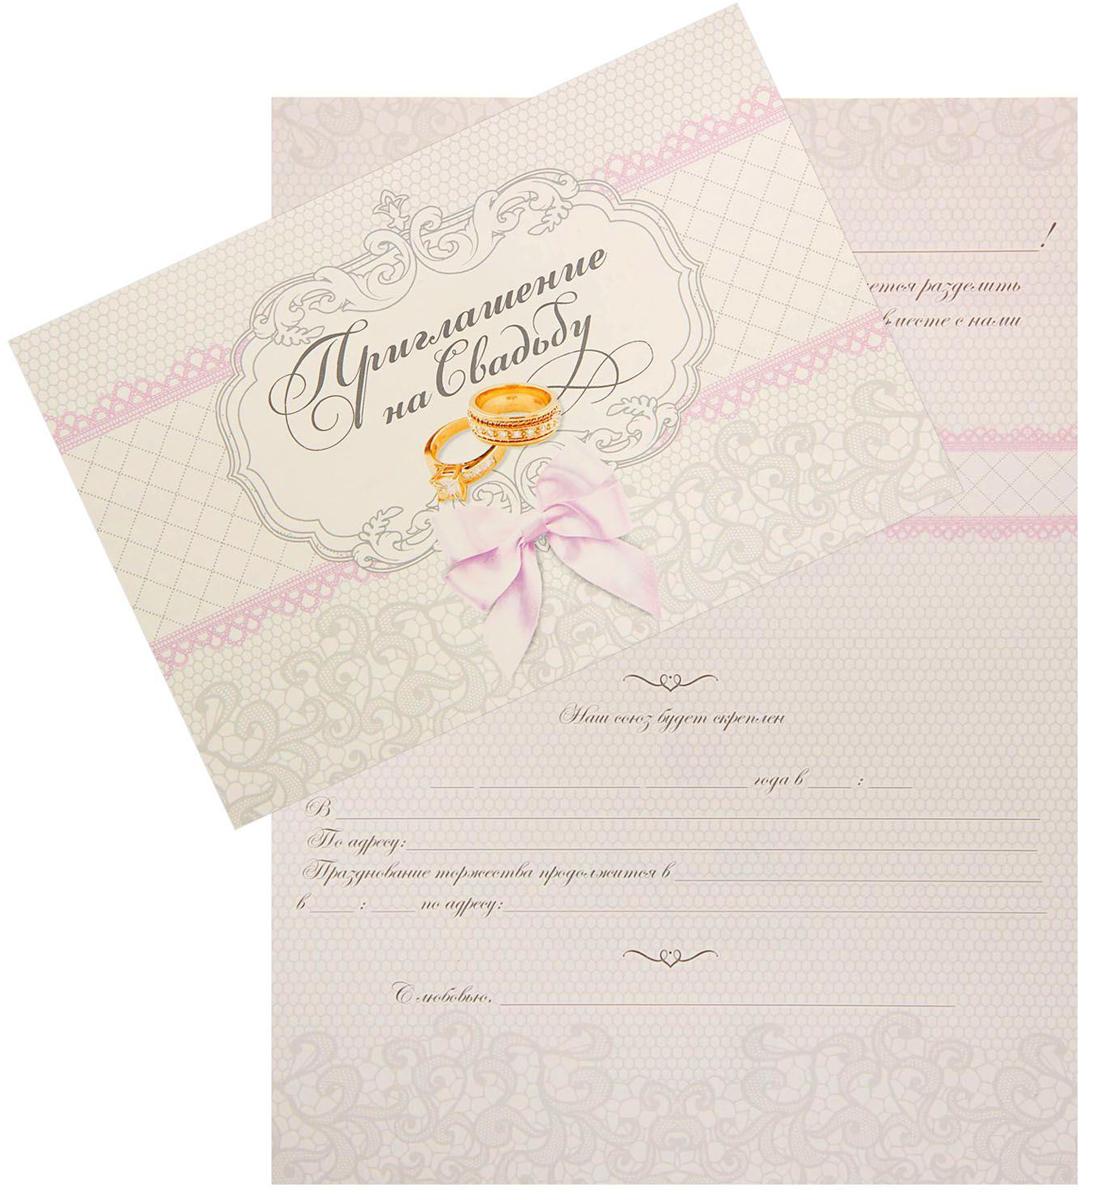 Приглашение на свадьбу Классическое, 18 х 12 см приглашение на свадьбу мир открыток лебеди